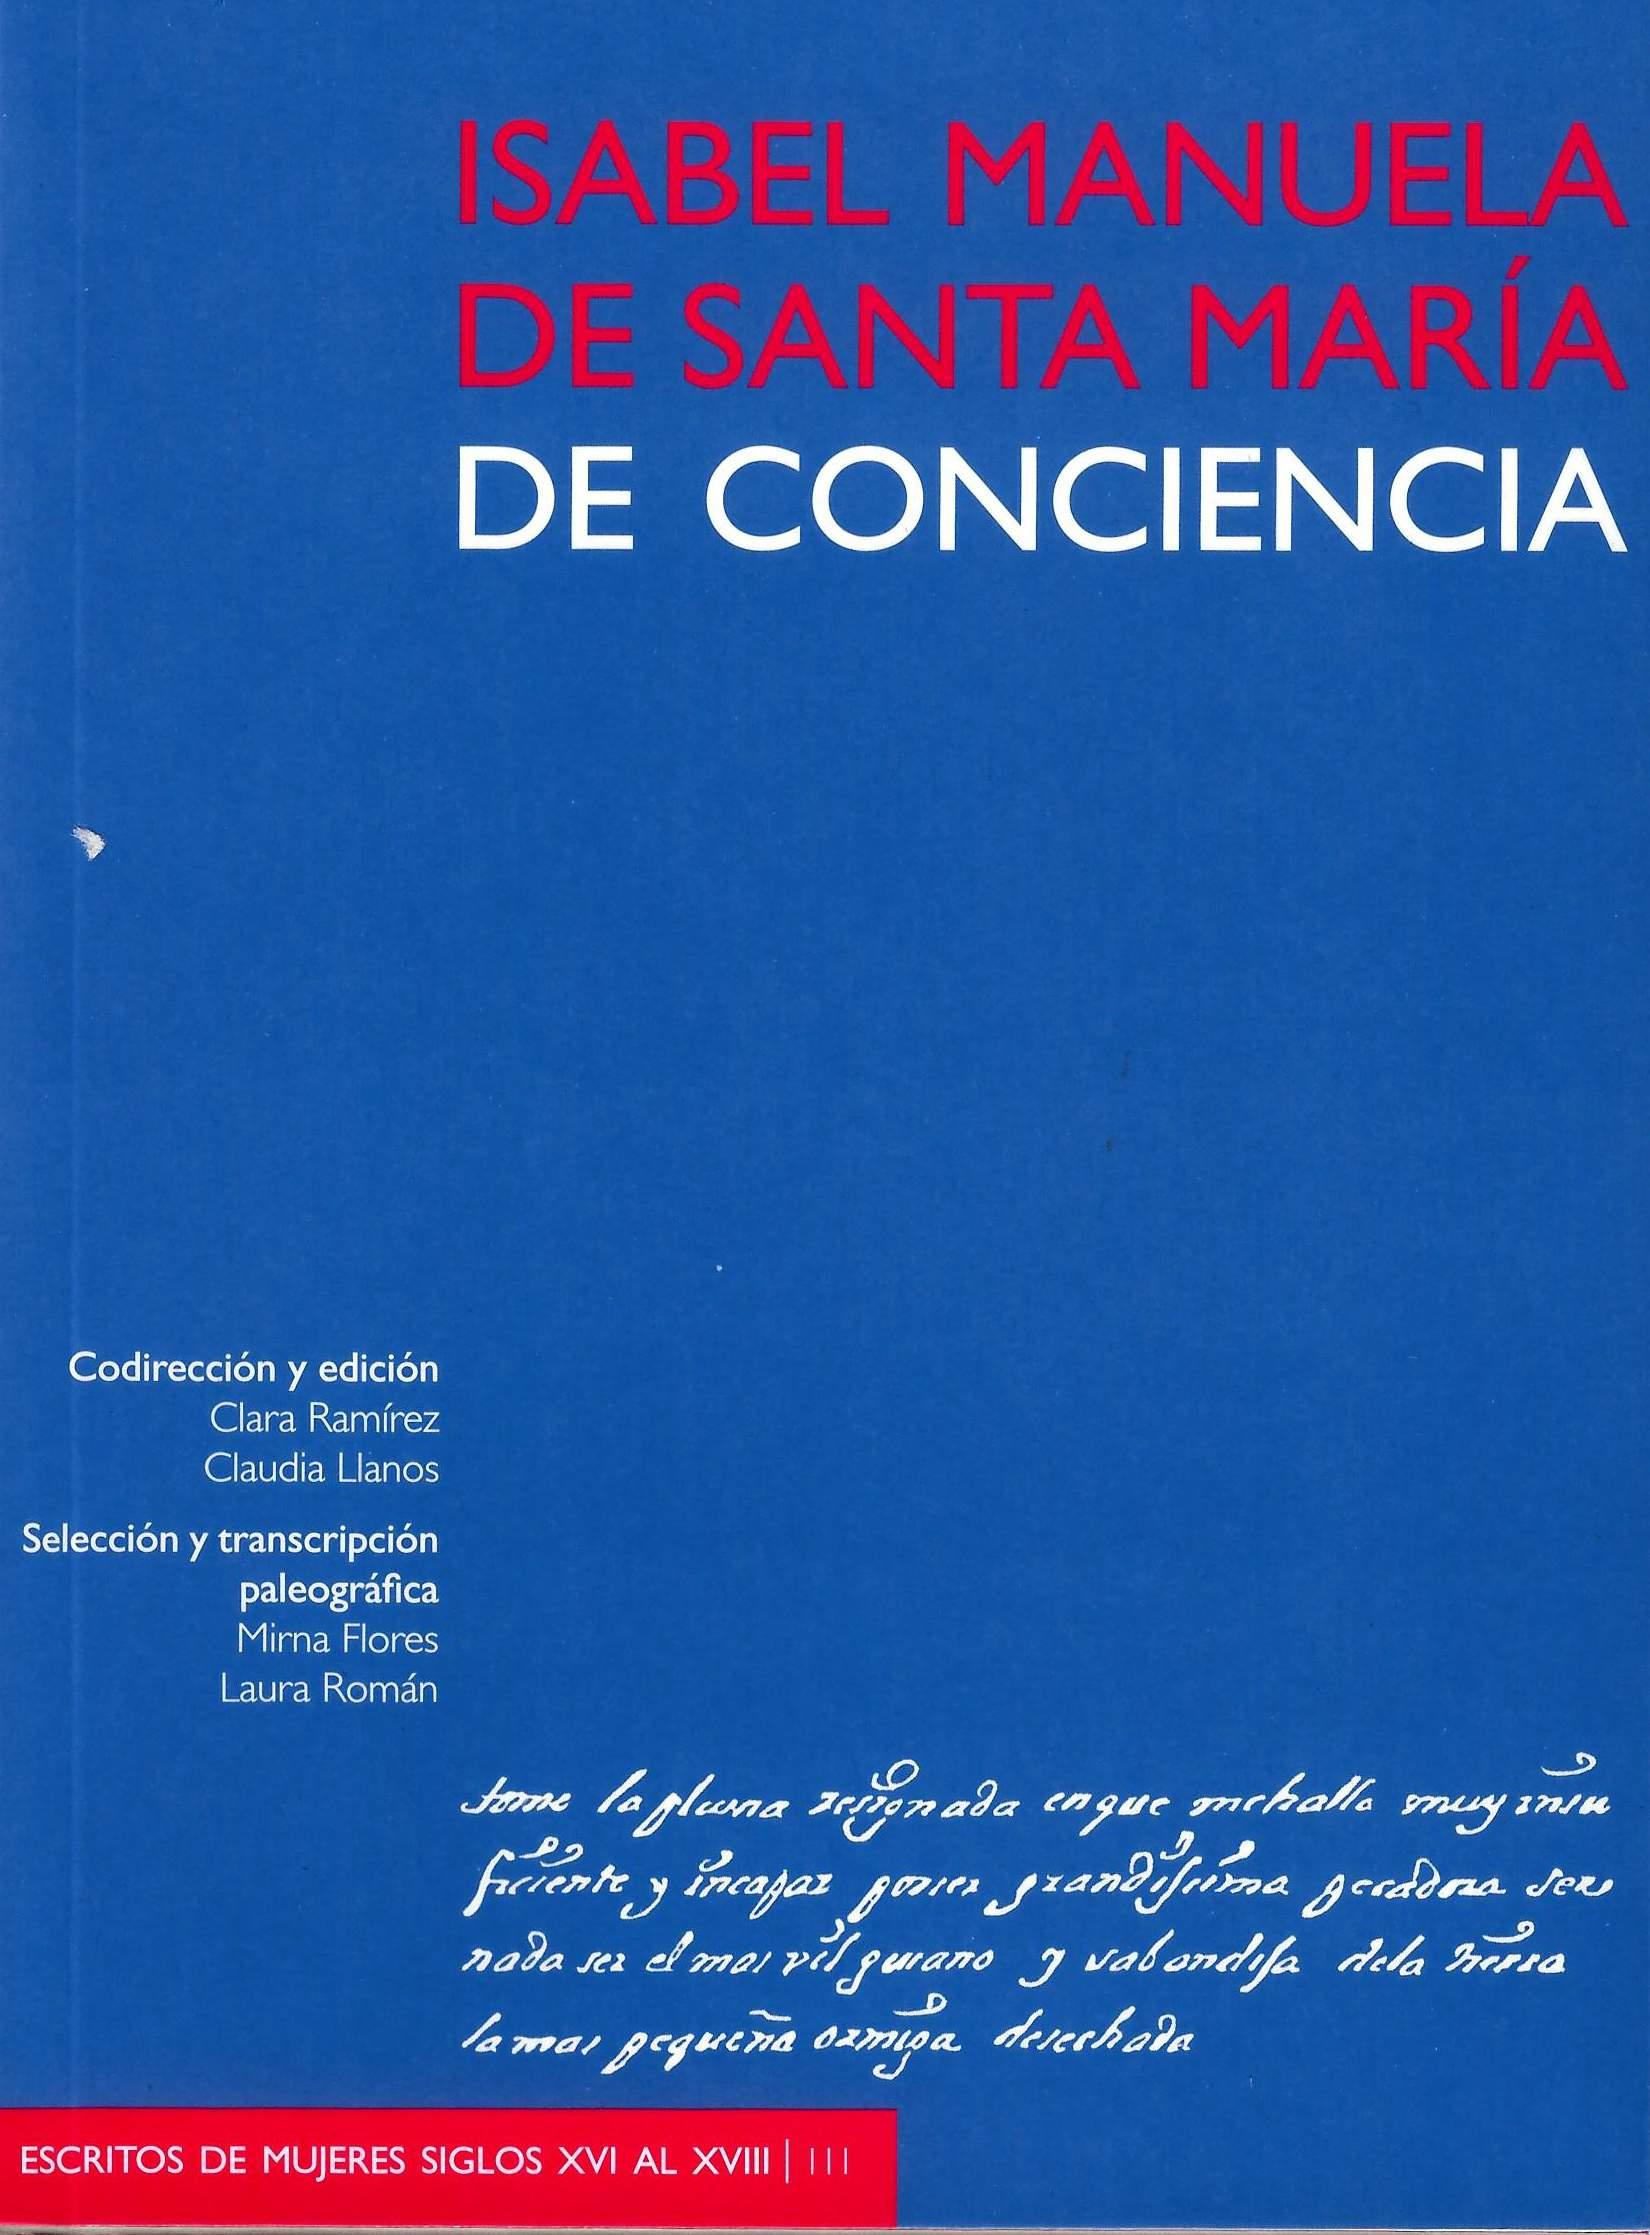 Isabel Manuela de Santa María de Conciencia